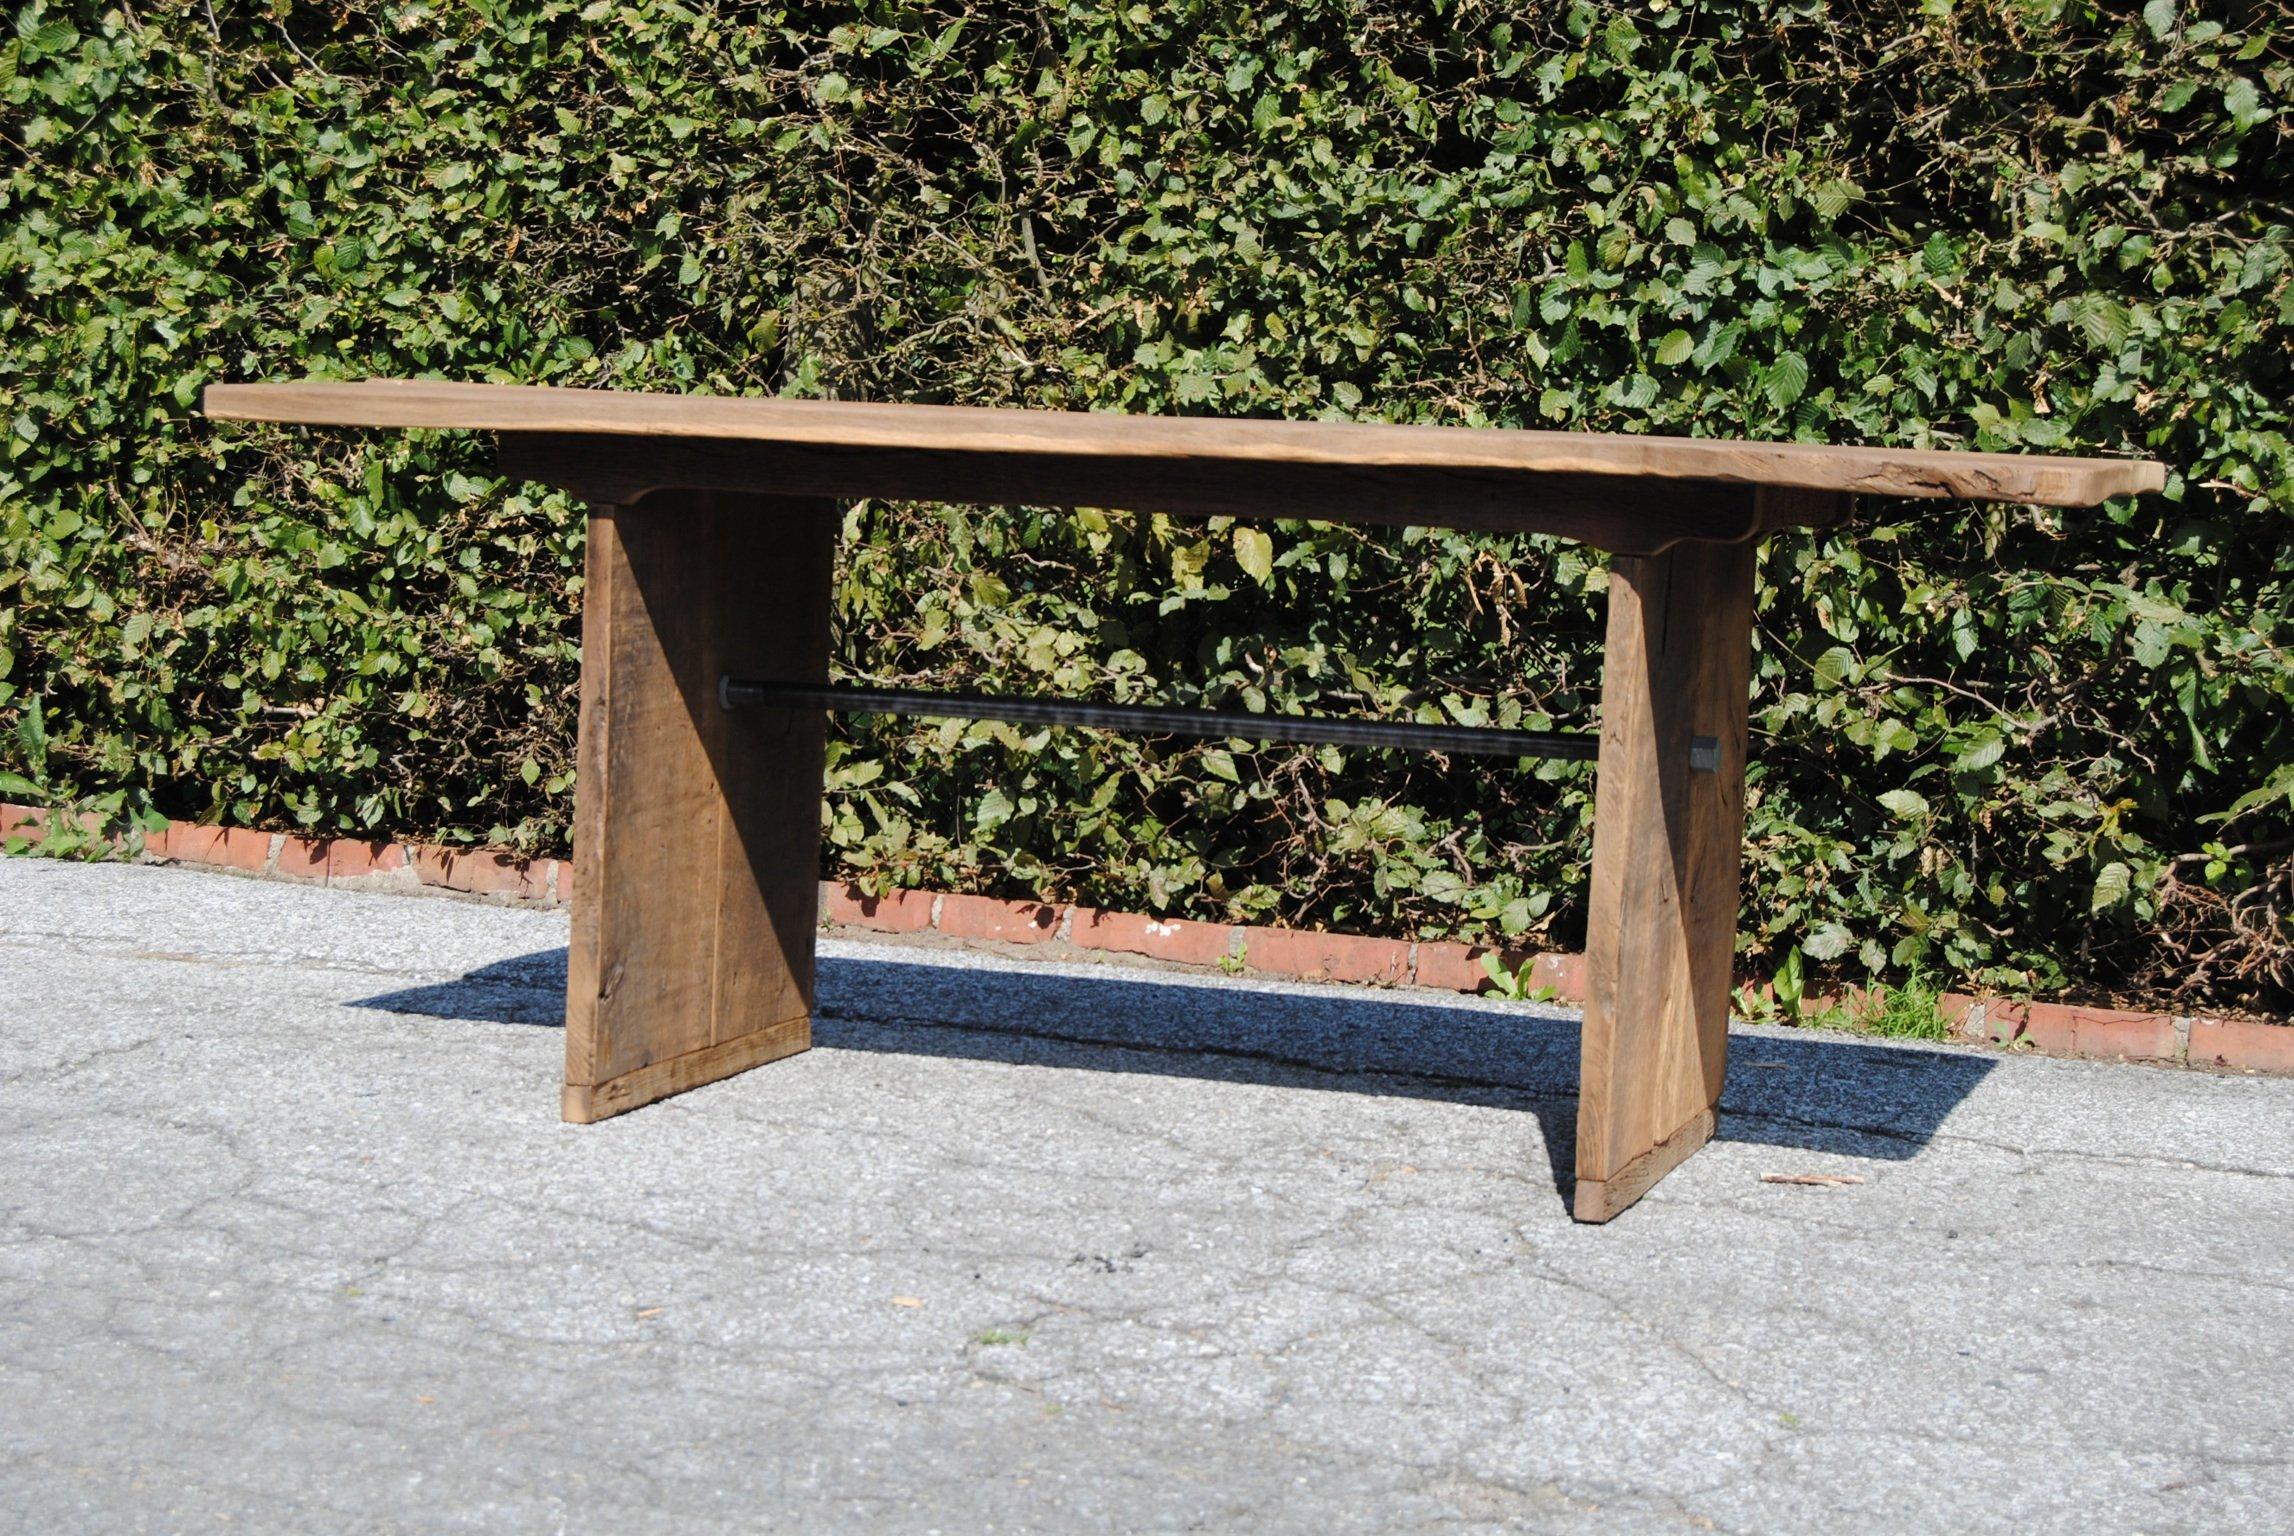 Gartentisch Aus 200 Jahre Alter Eiche 160 Cm X 80cm Unbehandelt